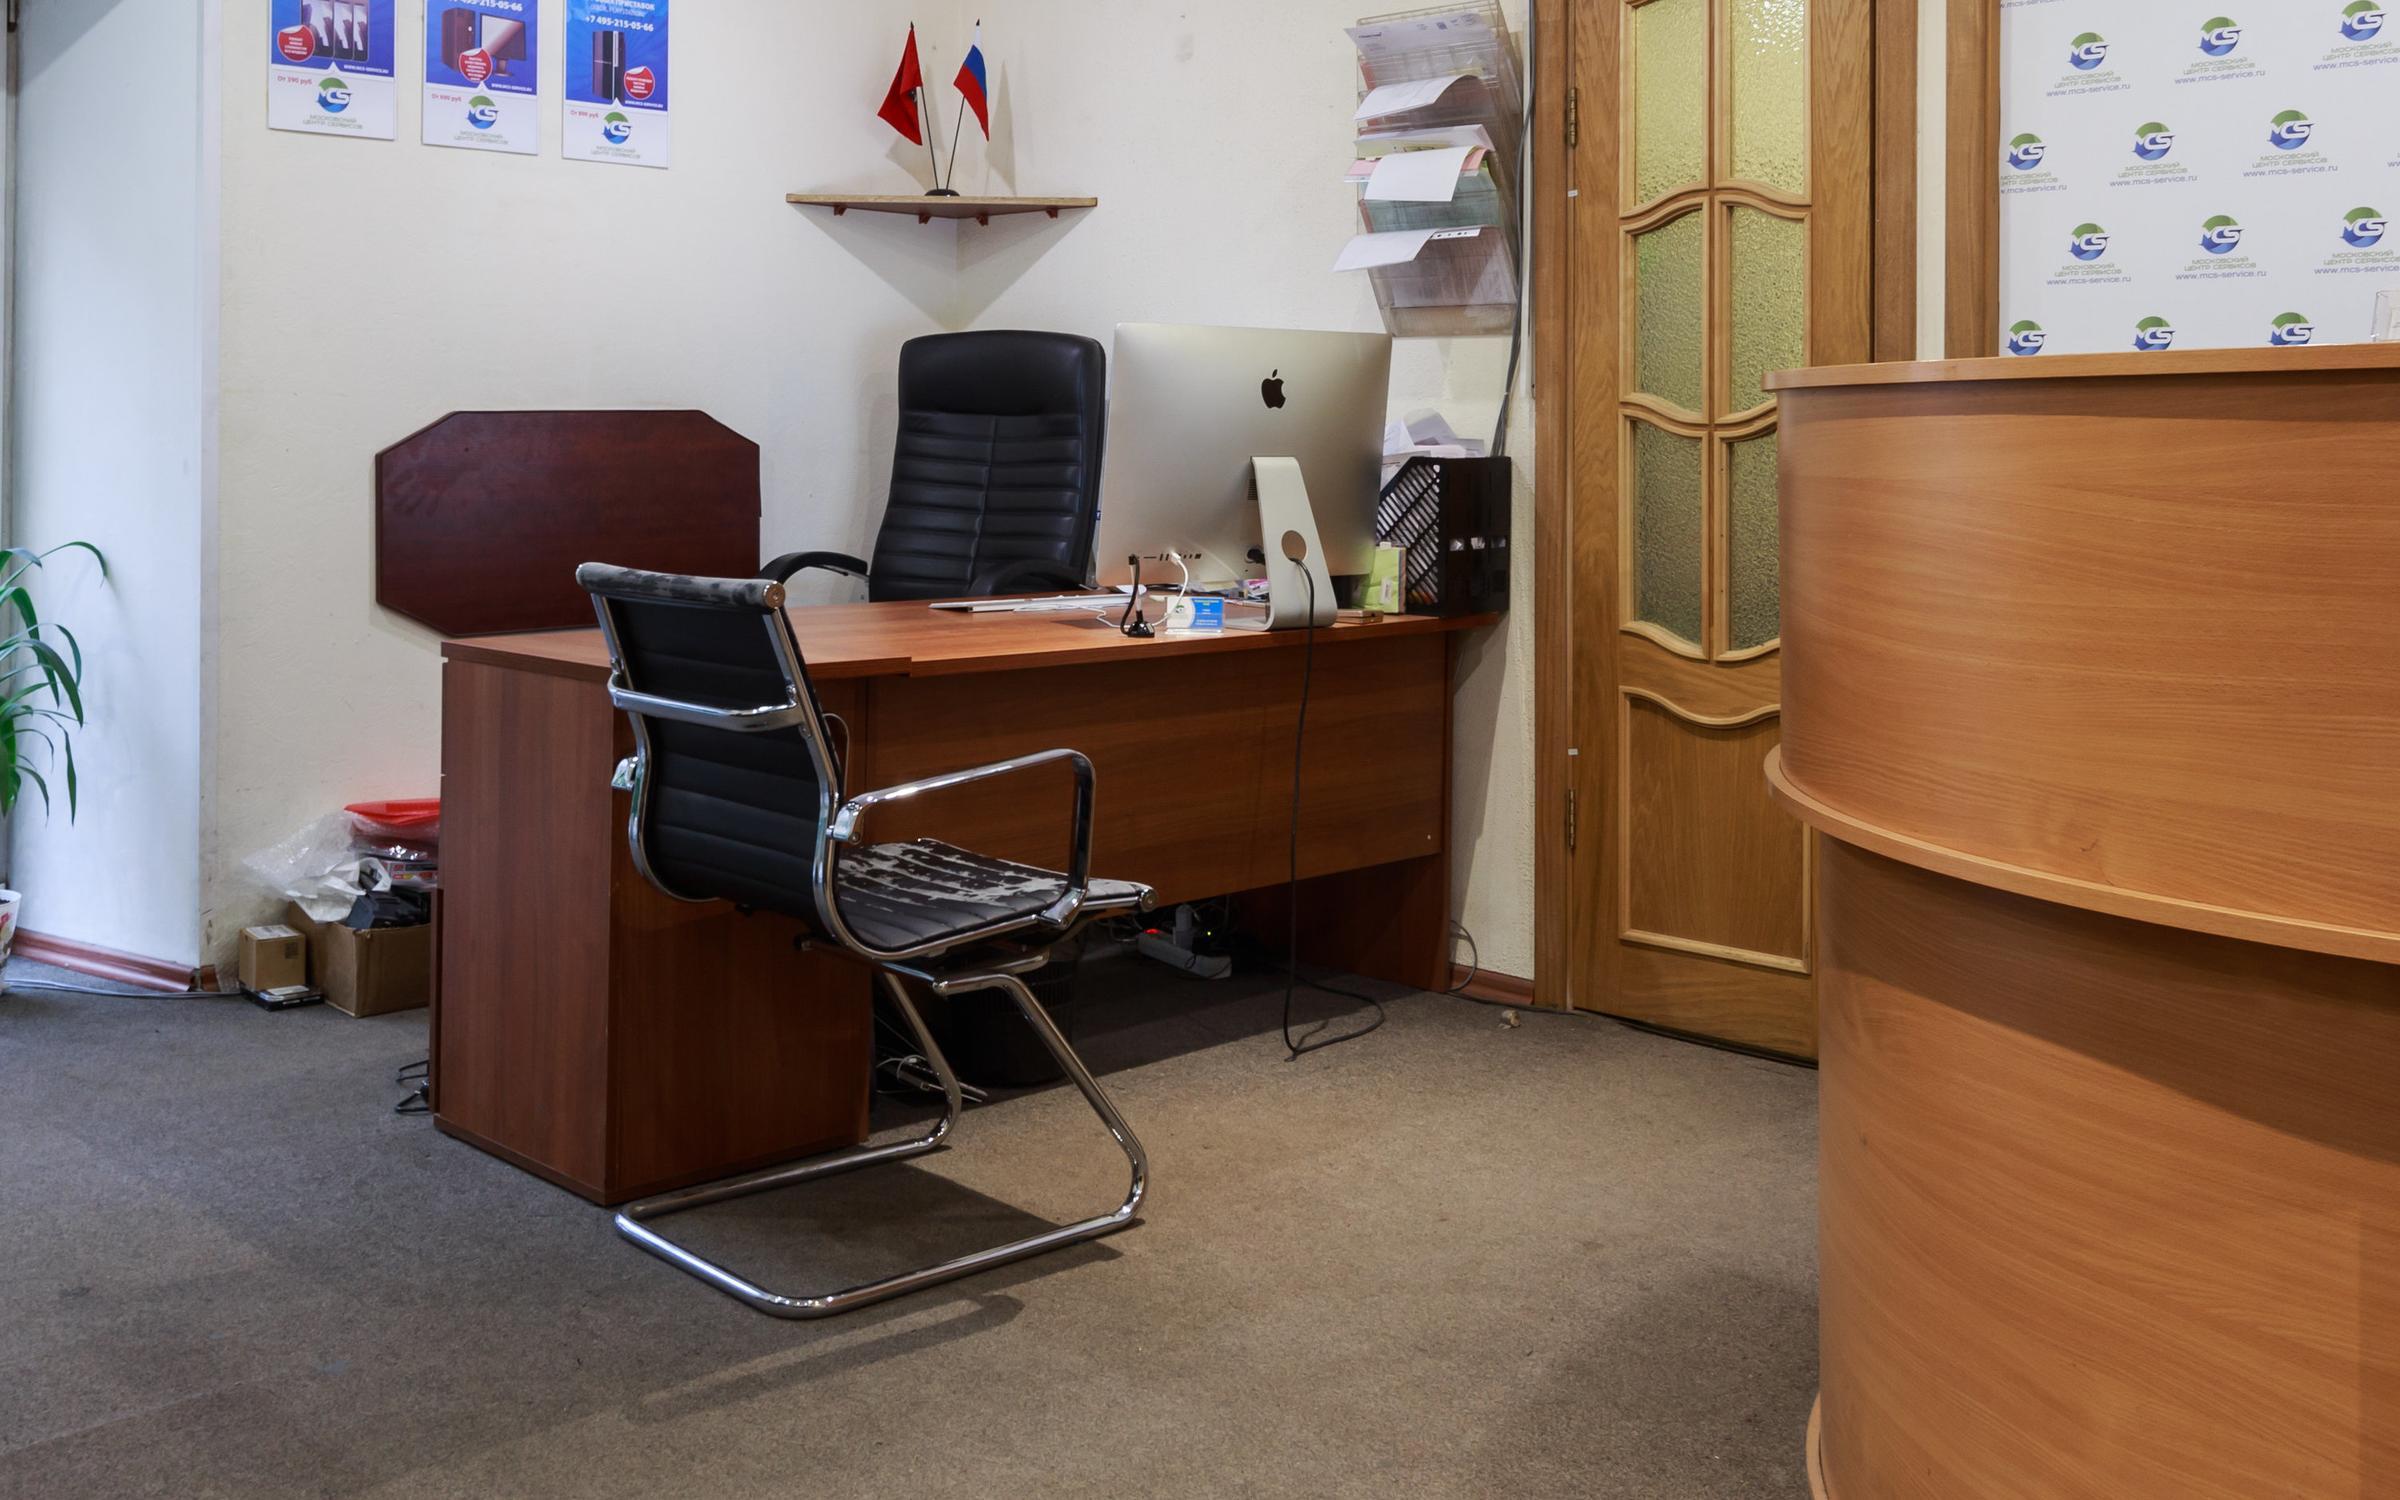 фотография Сервисного центра Московский центр сервисов на Ленинском проспекте